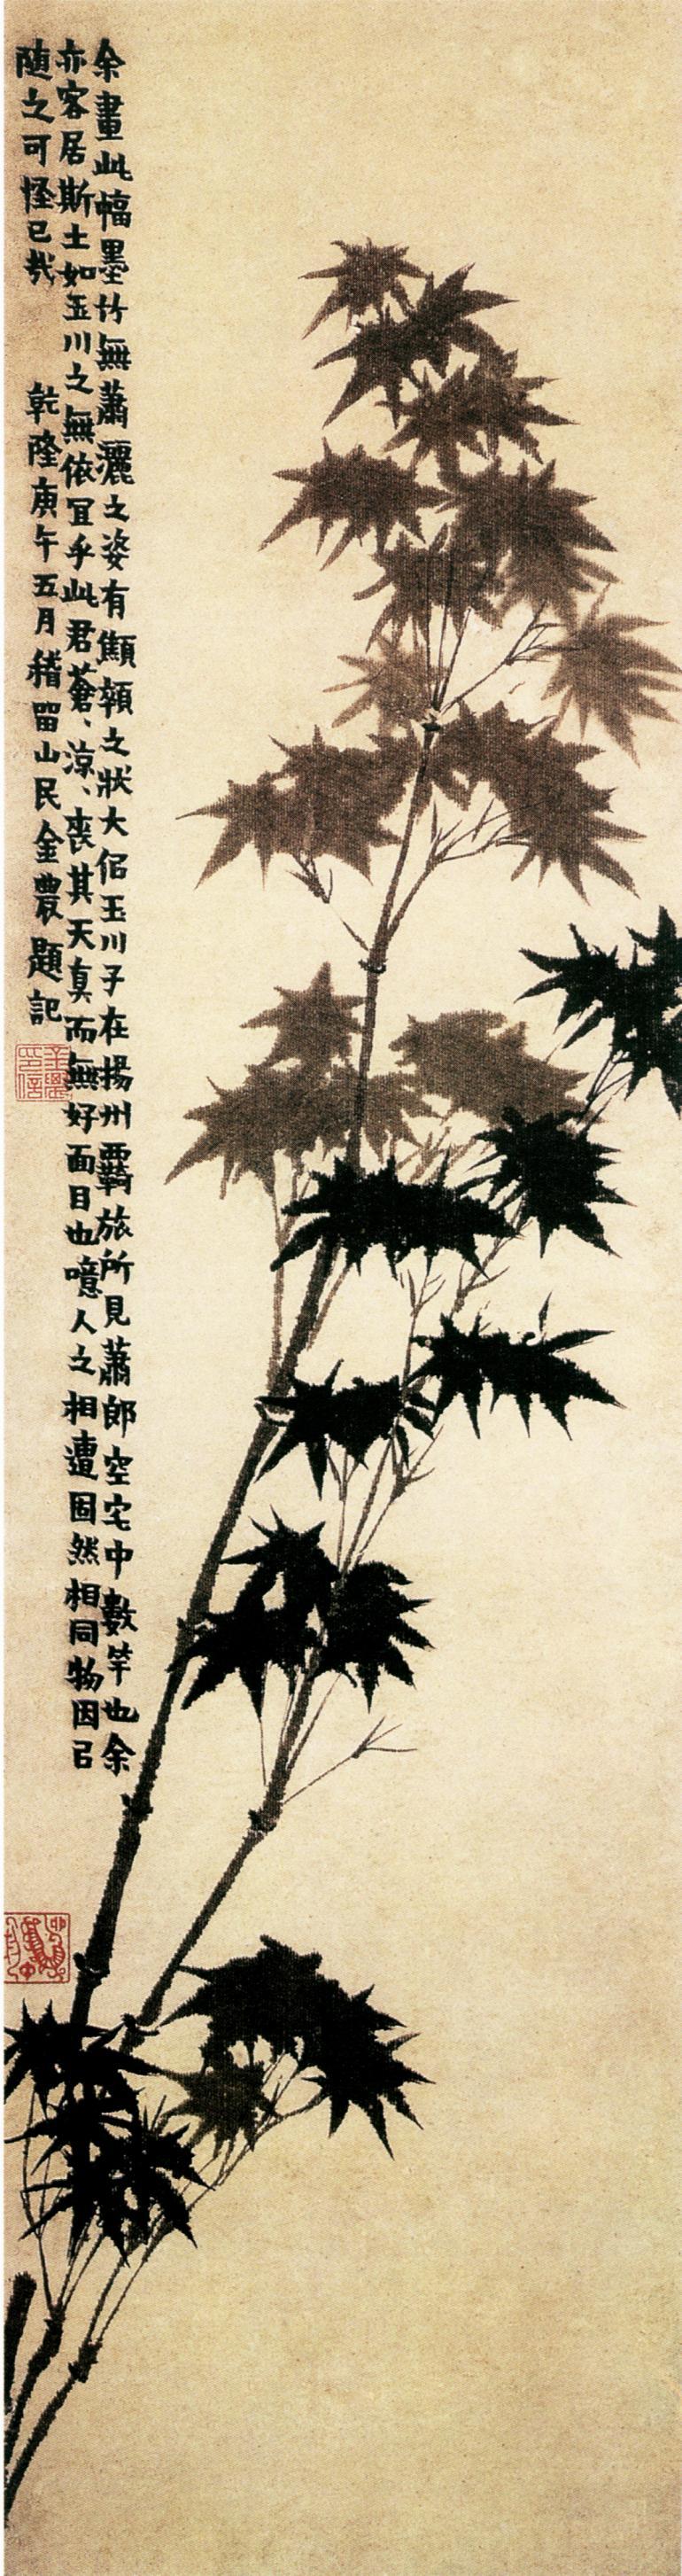 金农 竹图 上海博物馆藏